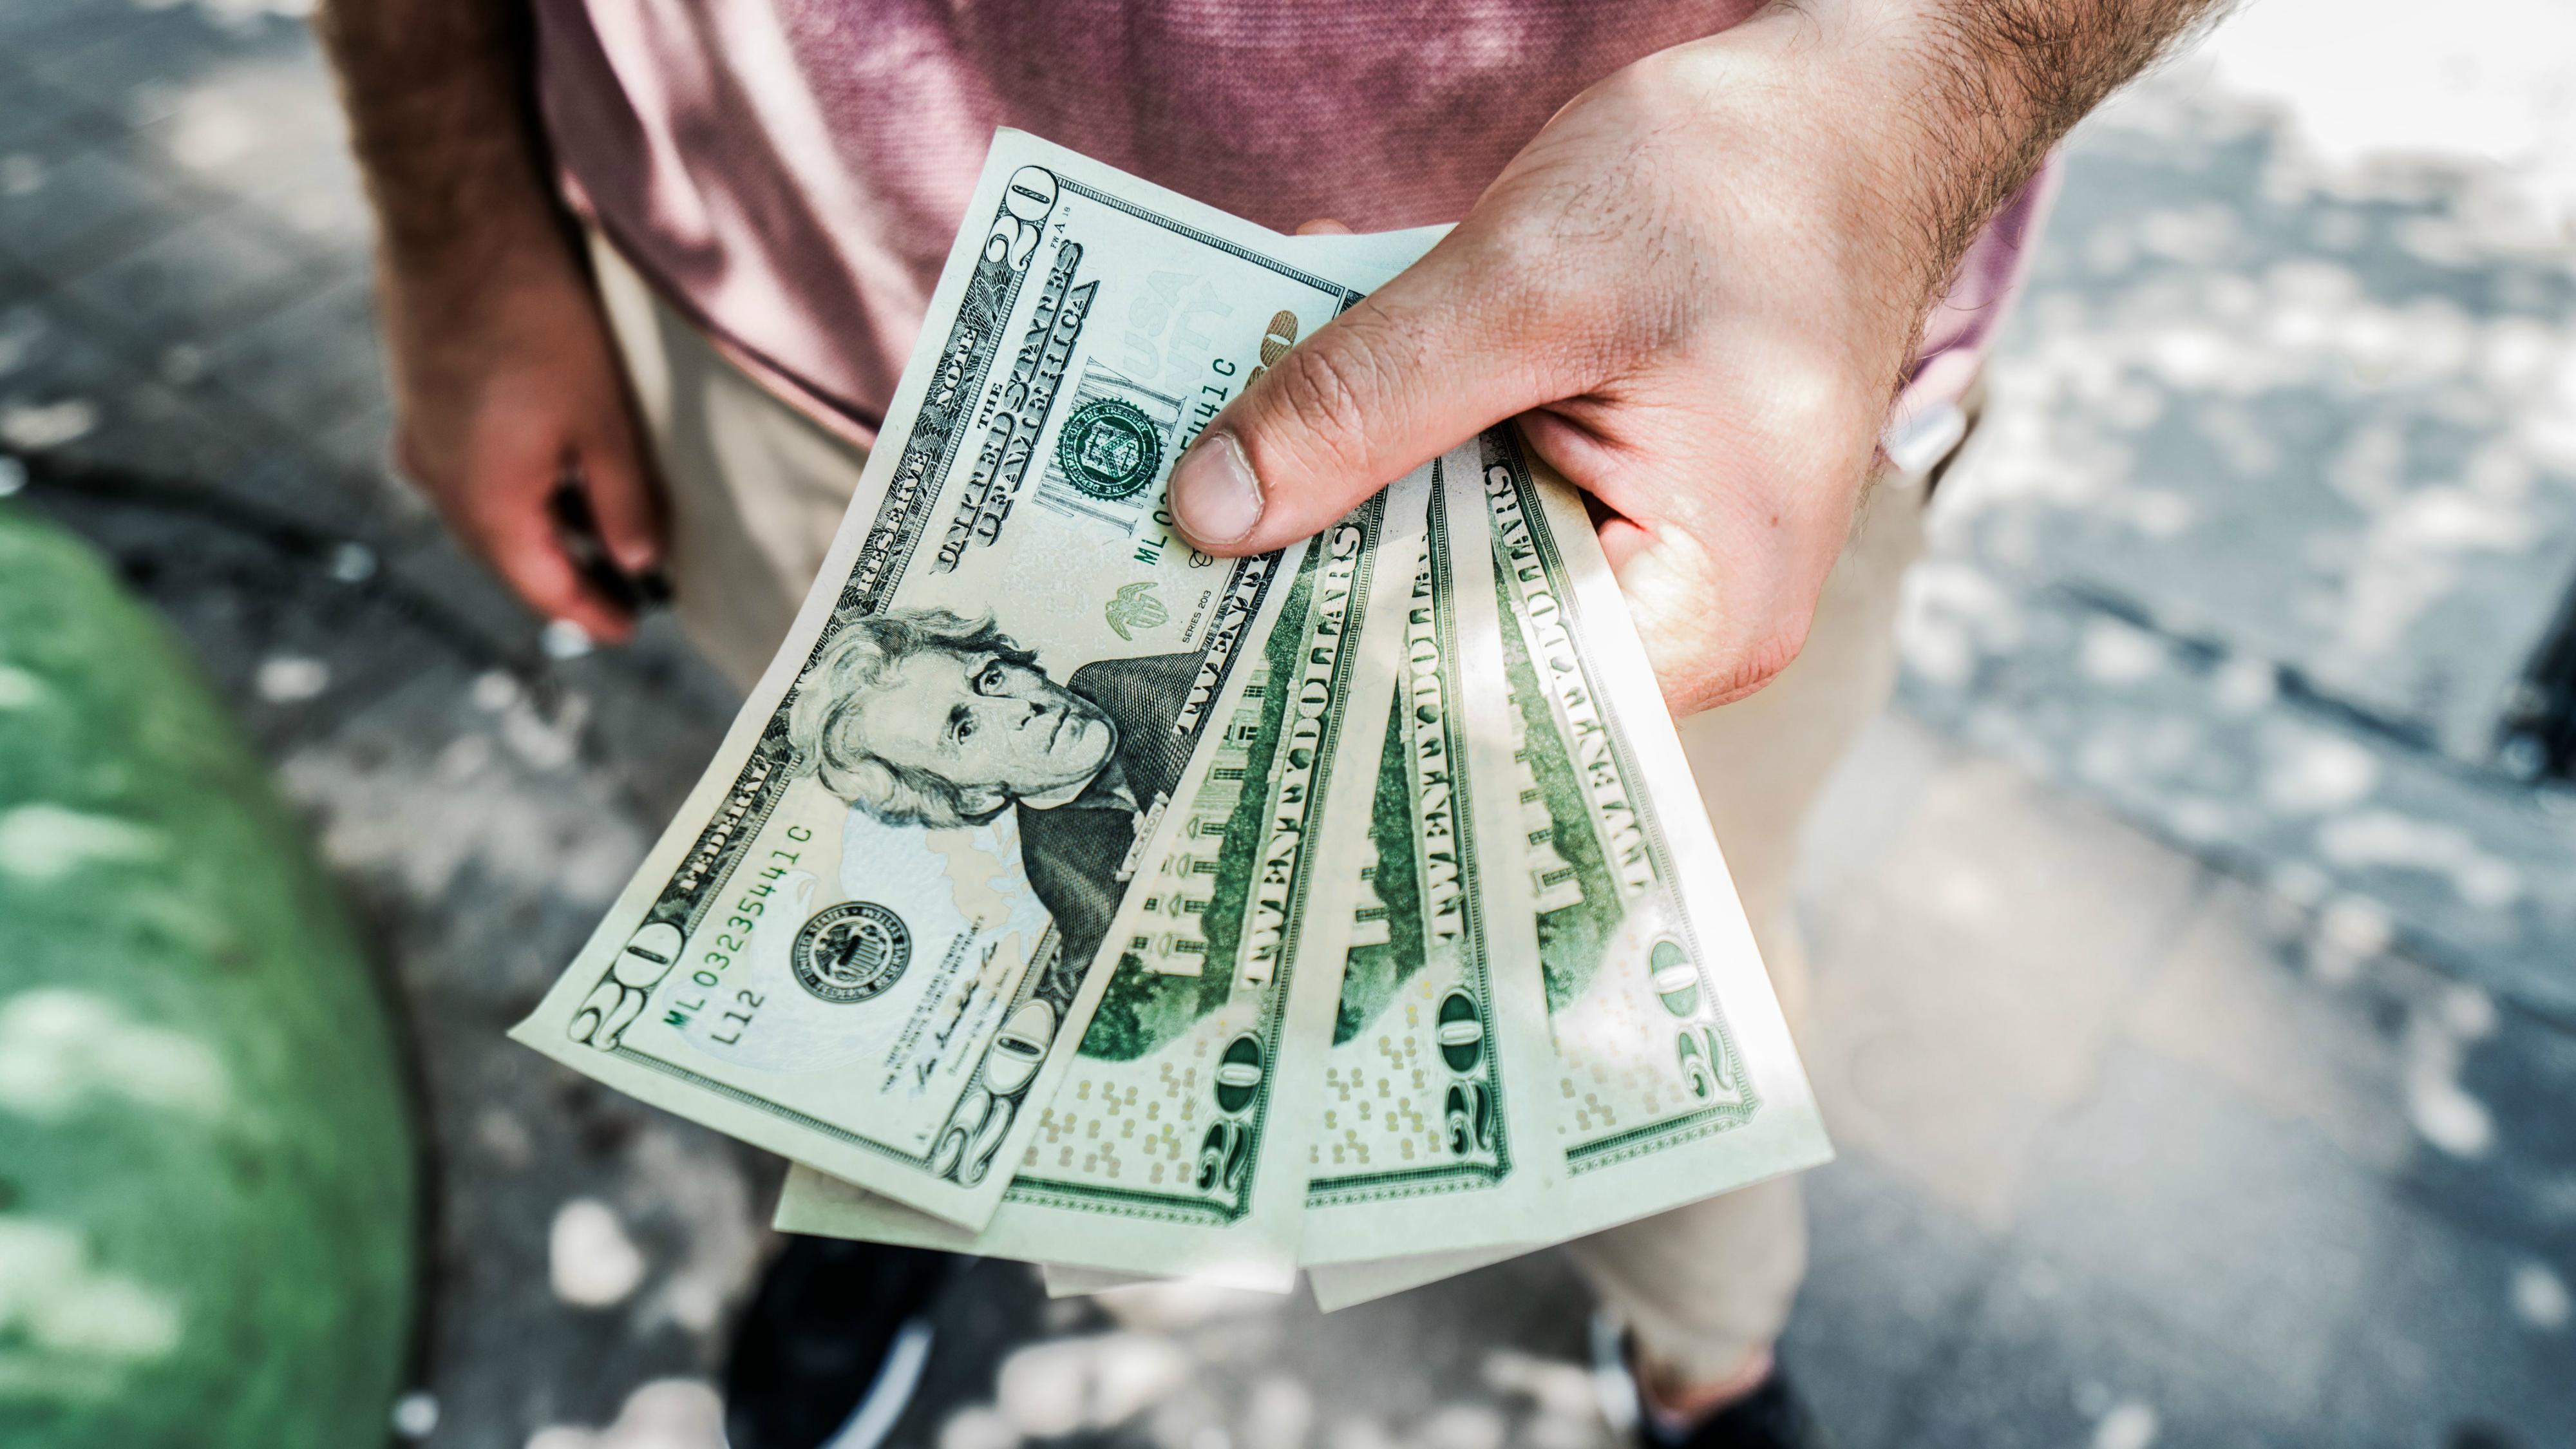 kā nopelnīt naudu uz ķermeņiem)